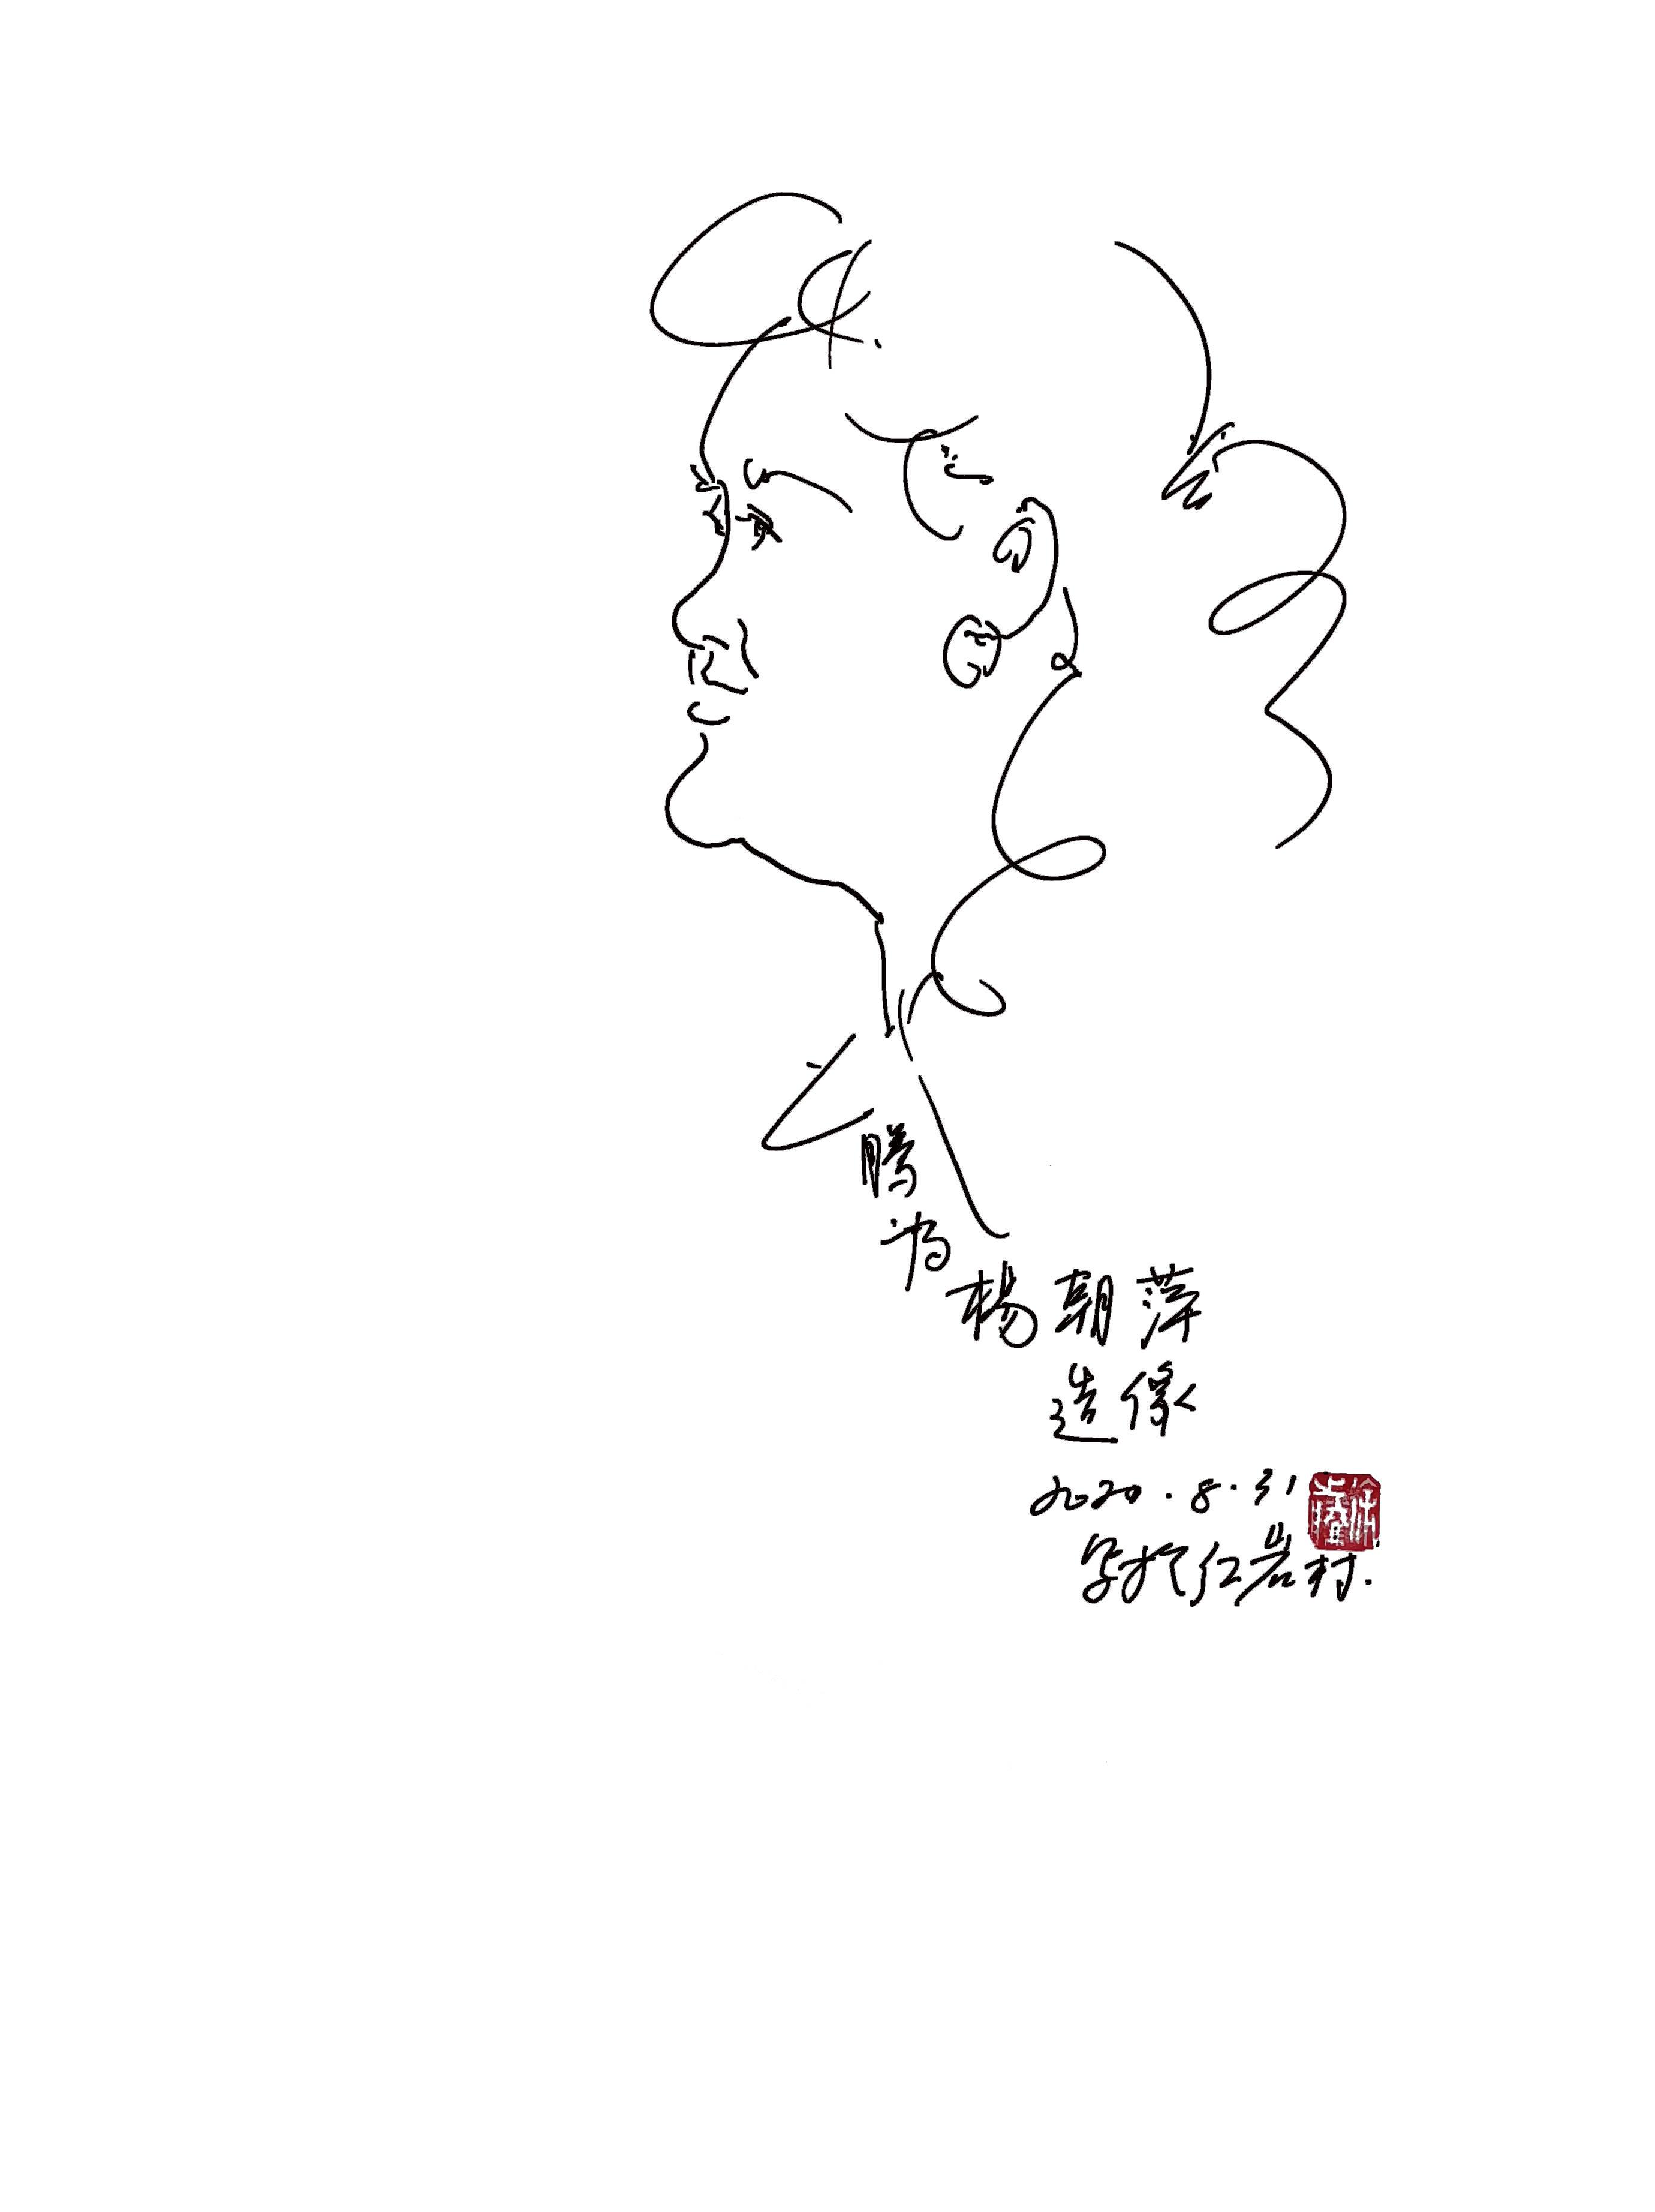 杨朝萍中国山水画欣赏